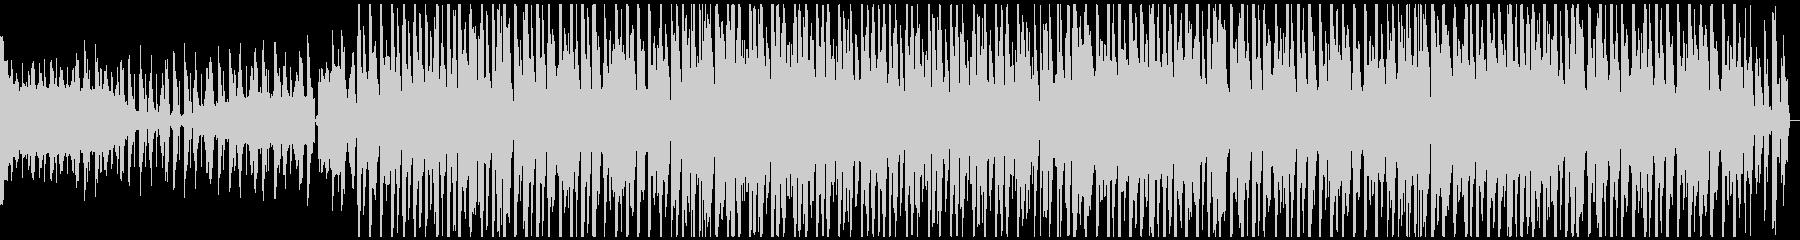 ノリの良いレトロモダンなBGMの未再生の波形